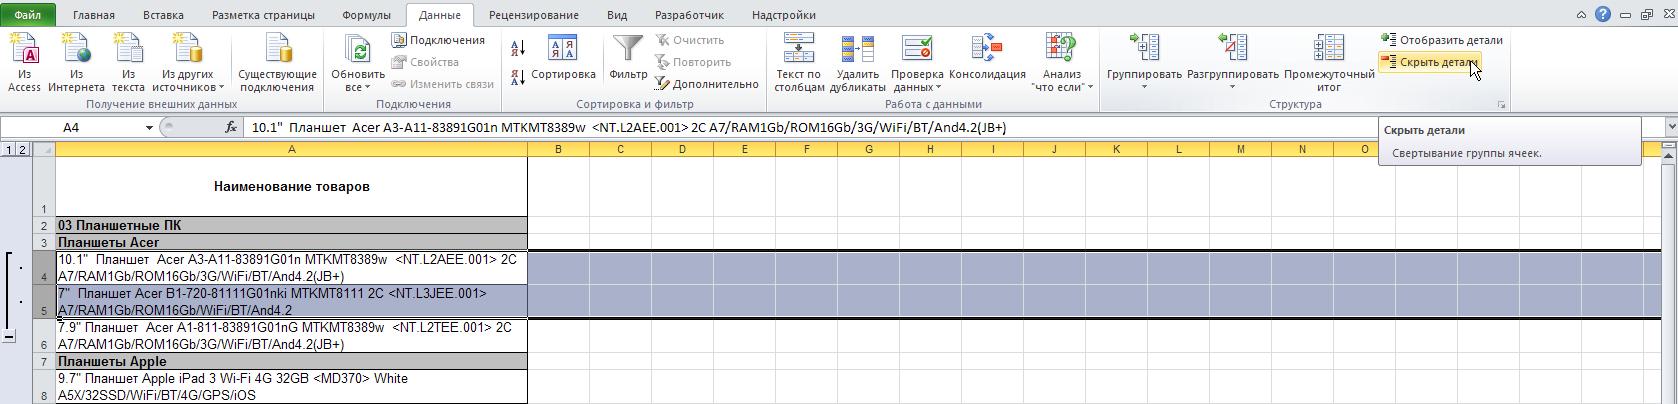 Excel: Лента - Данные - Структура - Скрыть детали